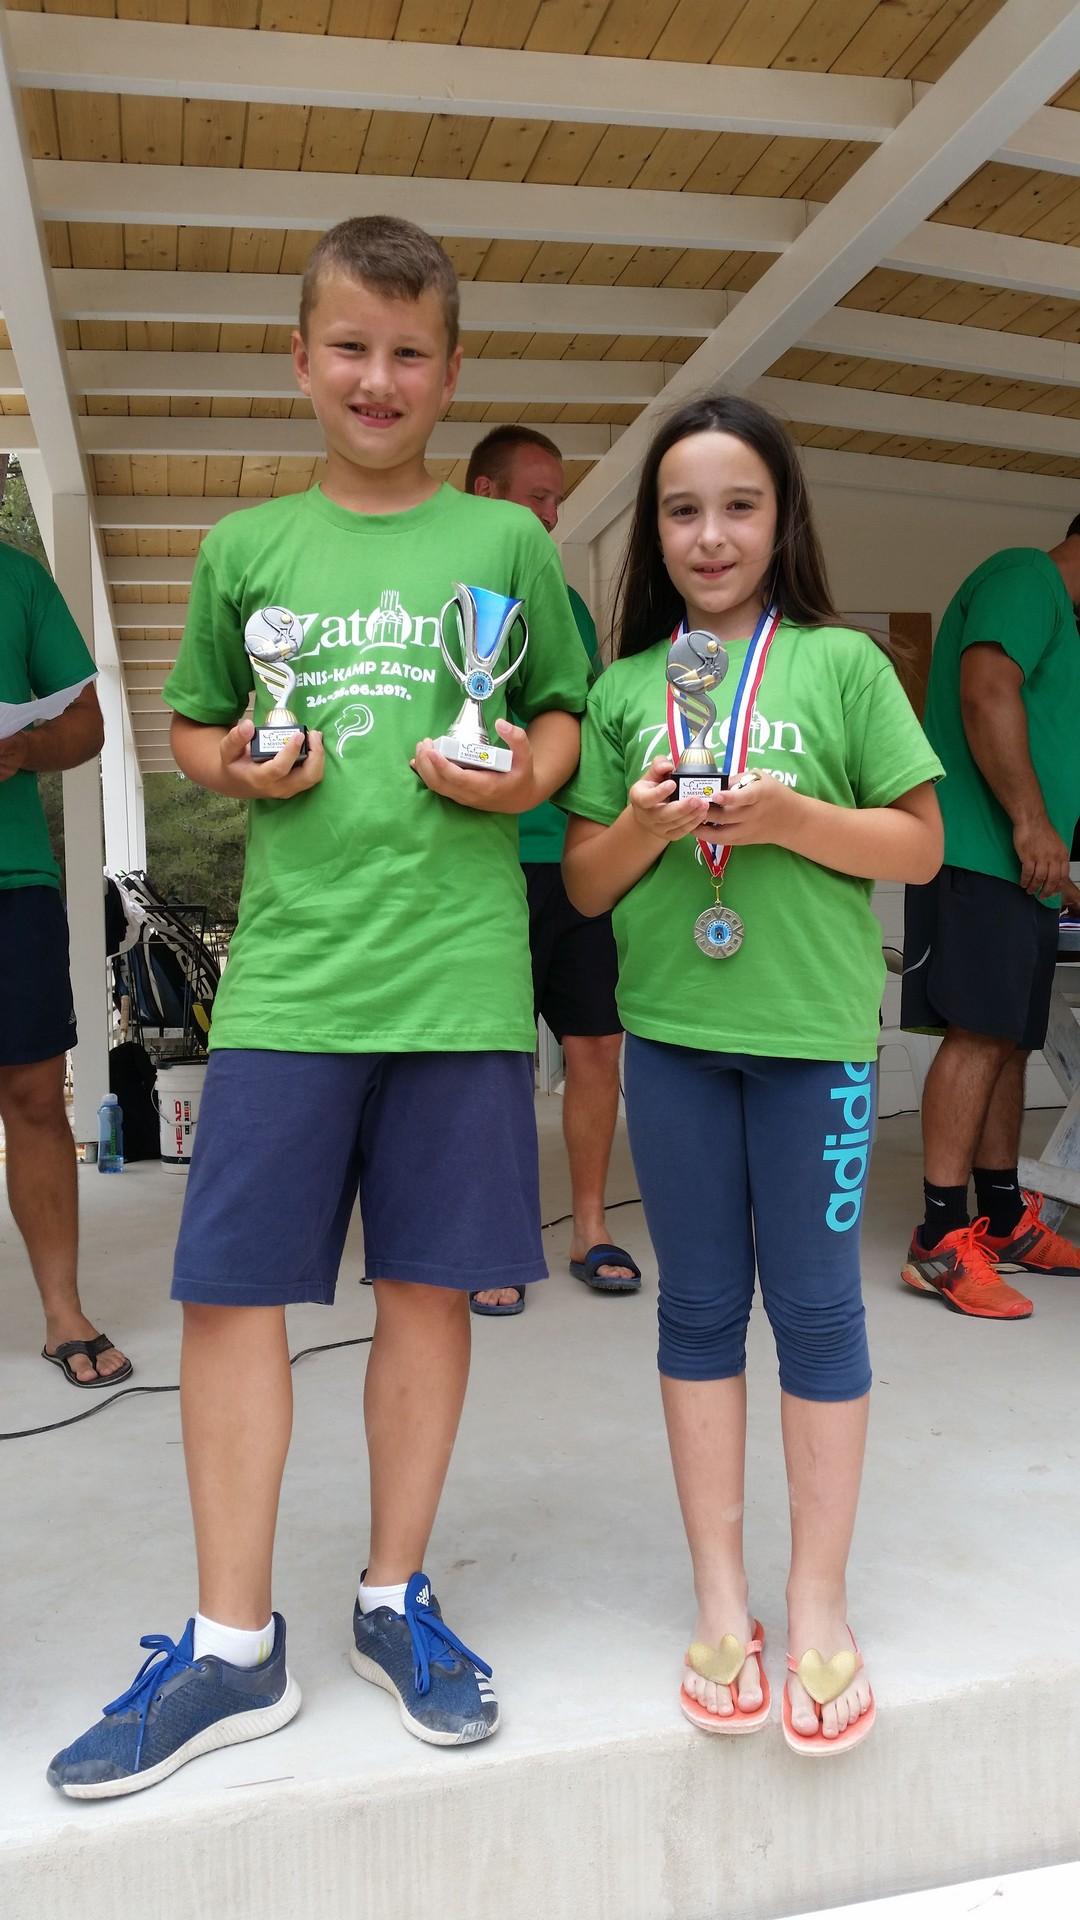 Tenis kamp Zaton 2017 (114)